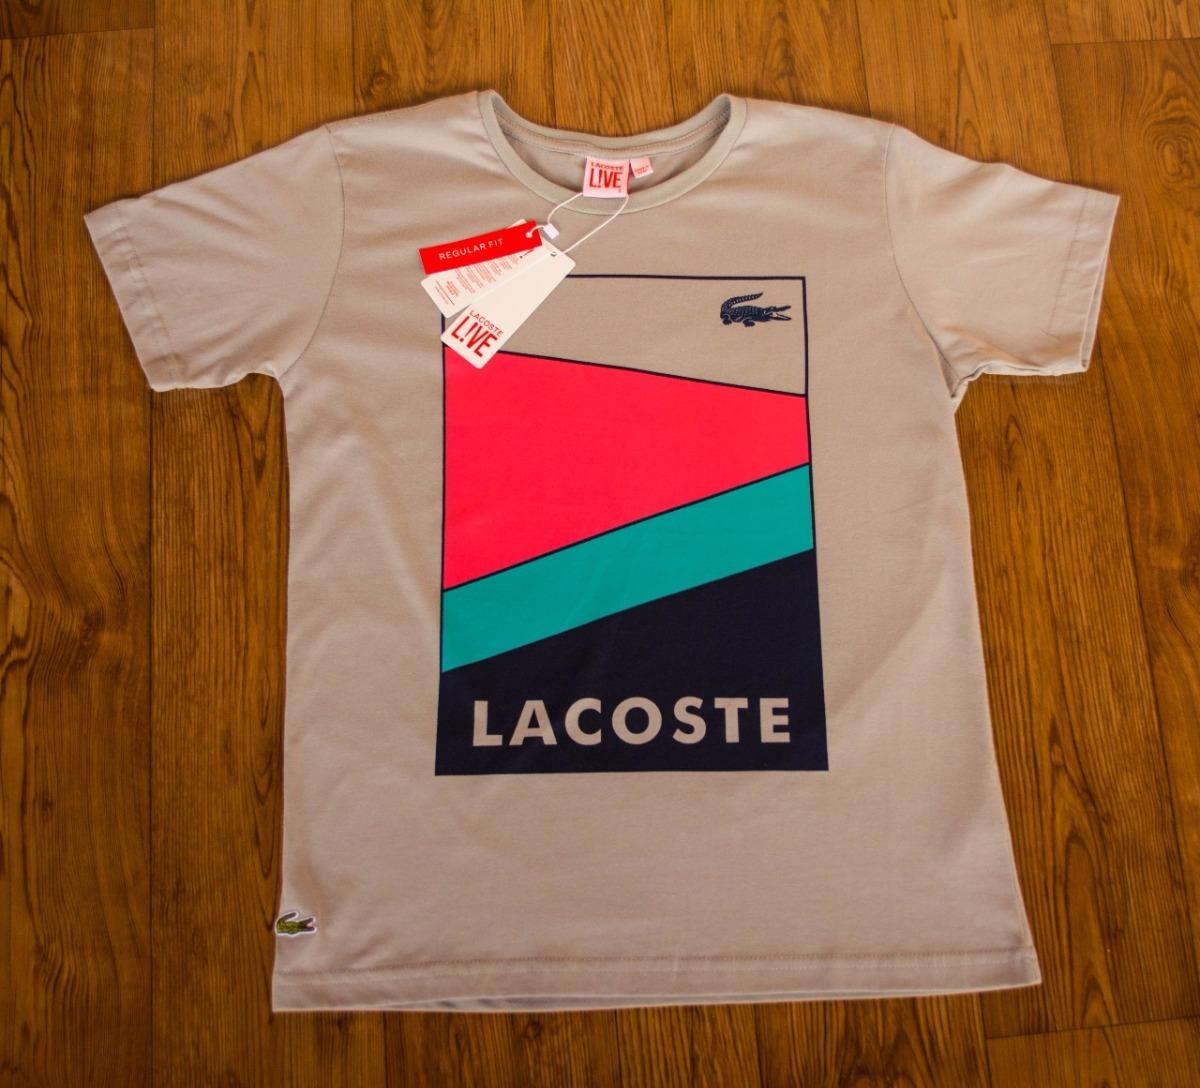 1c2ee1779057d camisa estampada lacoste peruanas originais promoção 3unidad. Carregando  zoom.